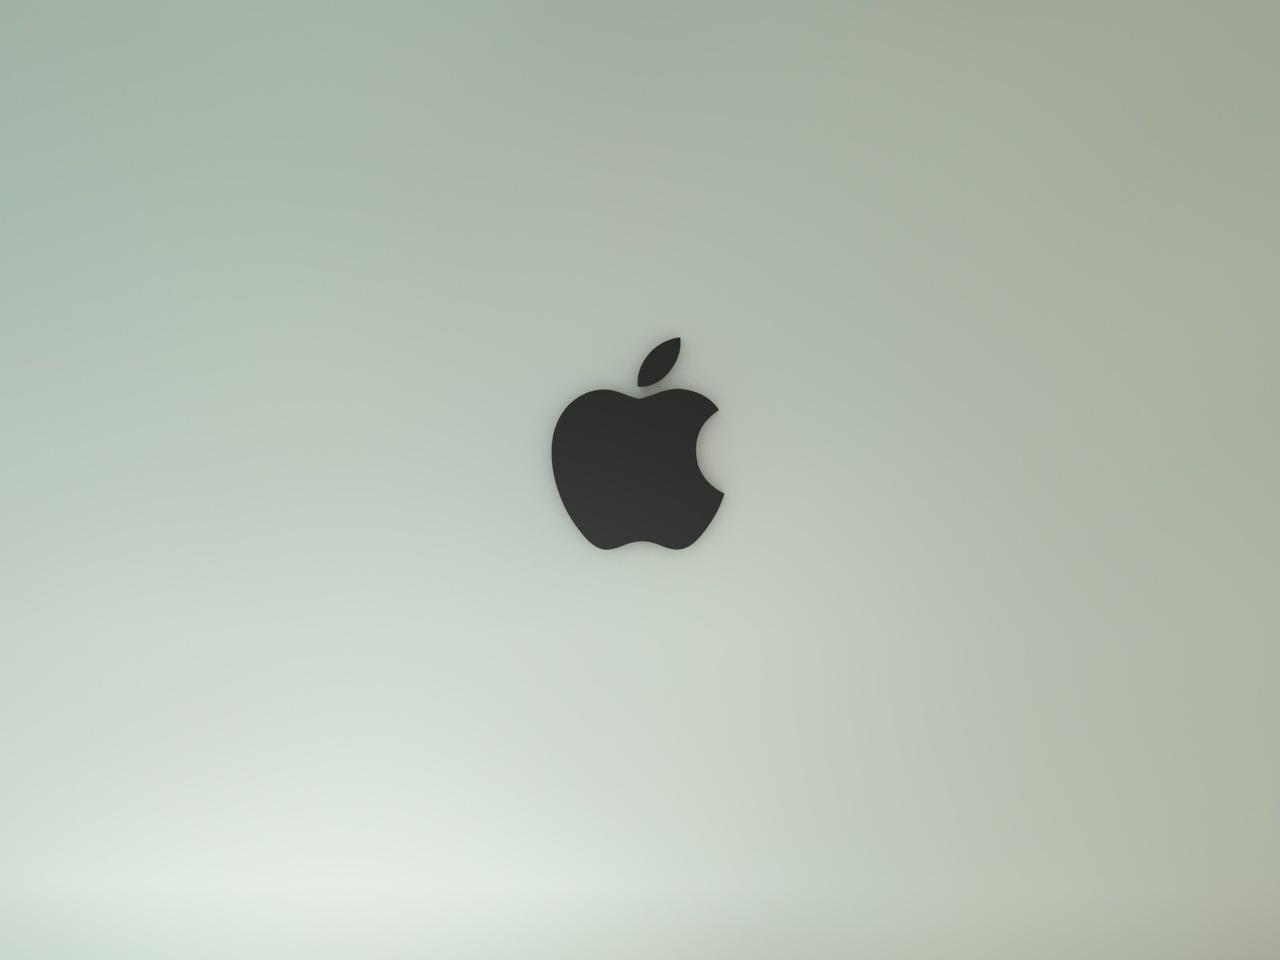 Картинка яблоко айфон